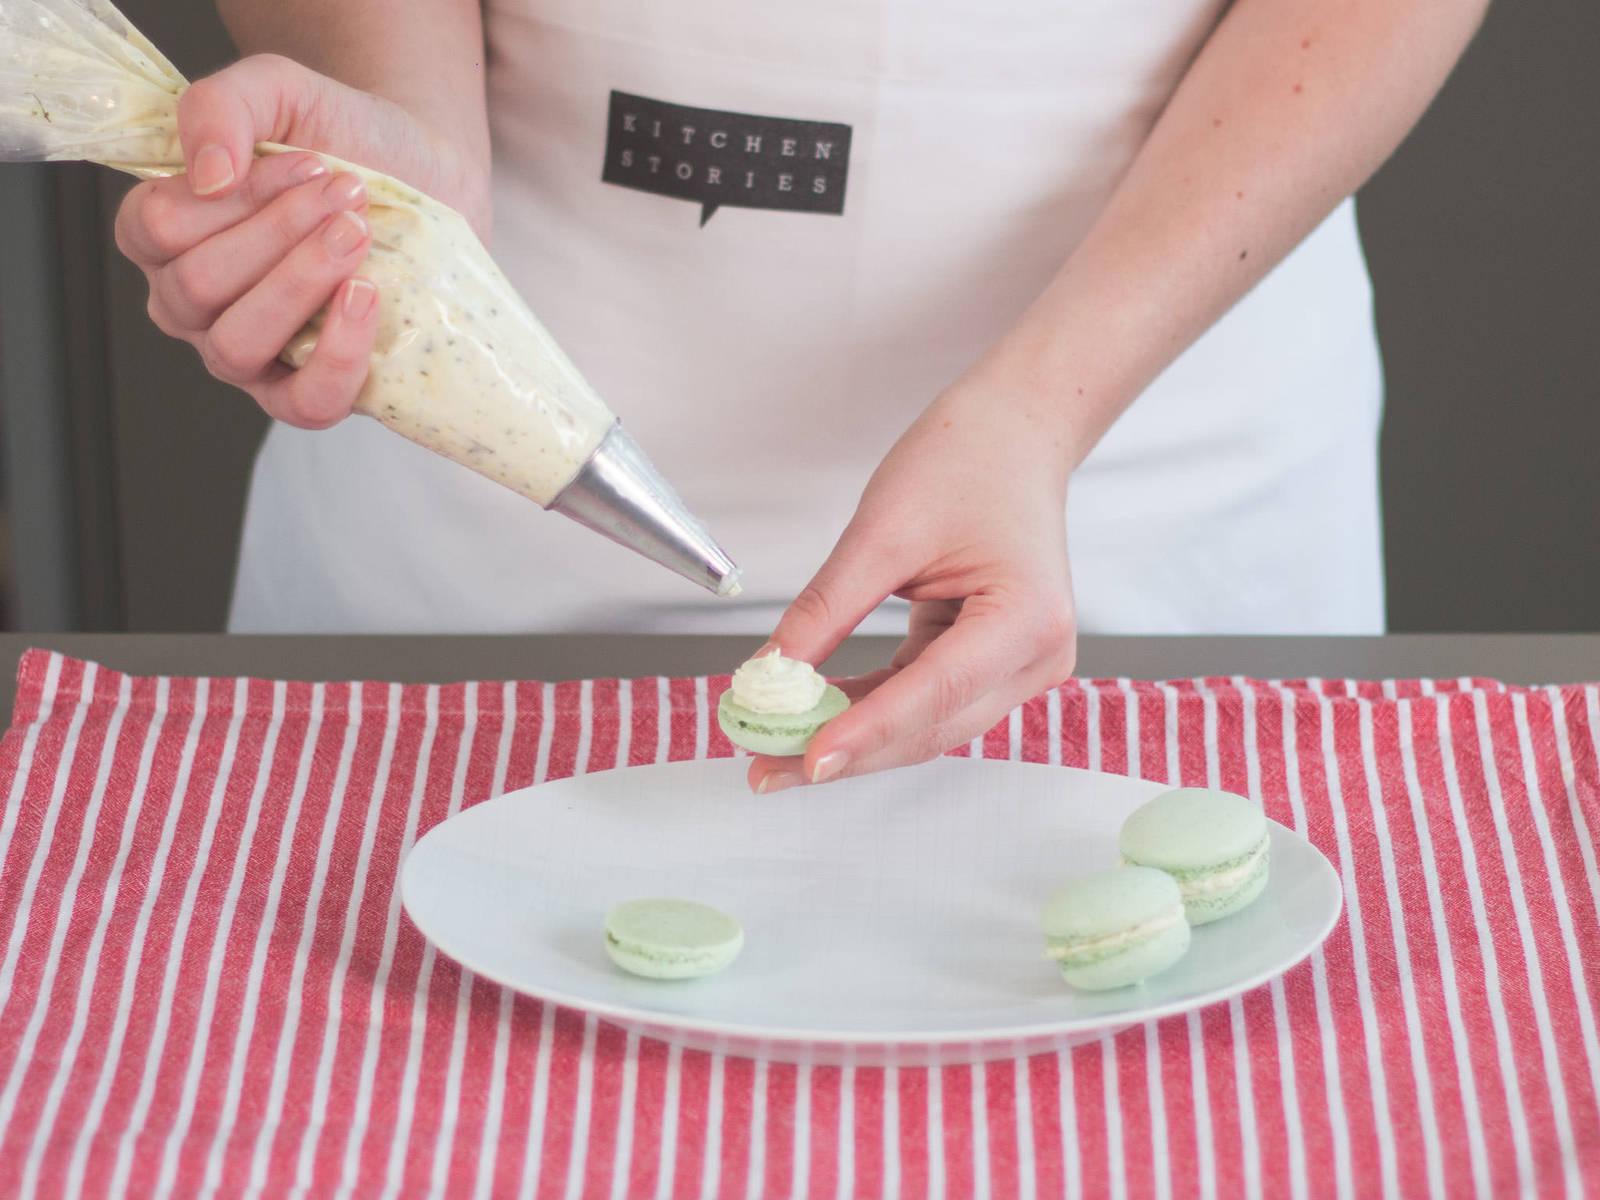 Ca. 1 TL Buttercreme auf die untere Hälfte des Macarons geben. Die obere Hälfte darauf legen und leicht andrücken. Wiederholen bis alle Macarons fertig sind. Zum Nachmittagstee genießen oder an Familie und Freunde verschenken!